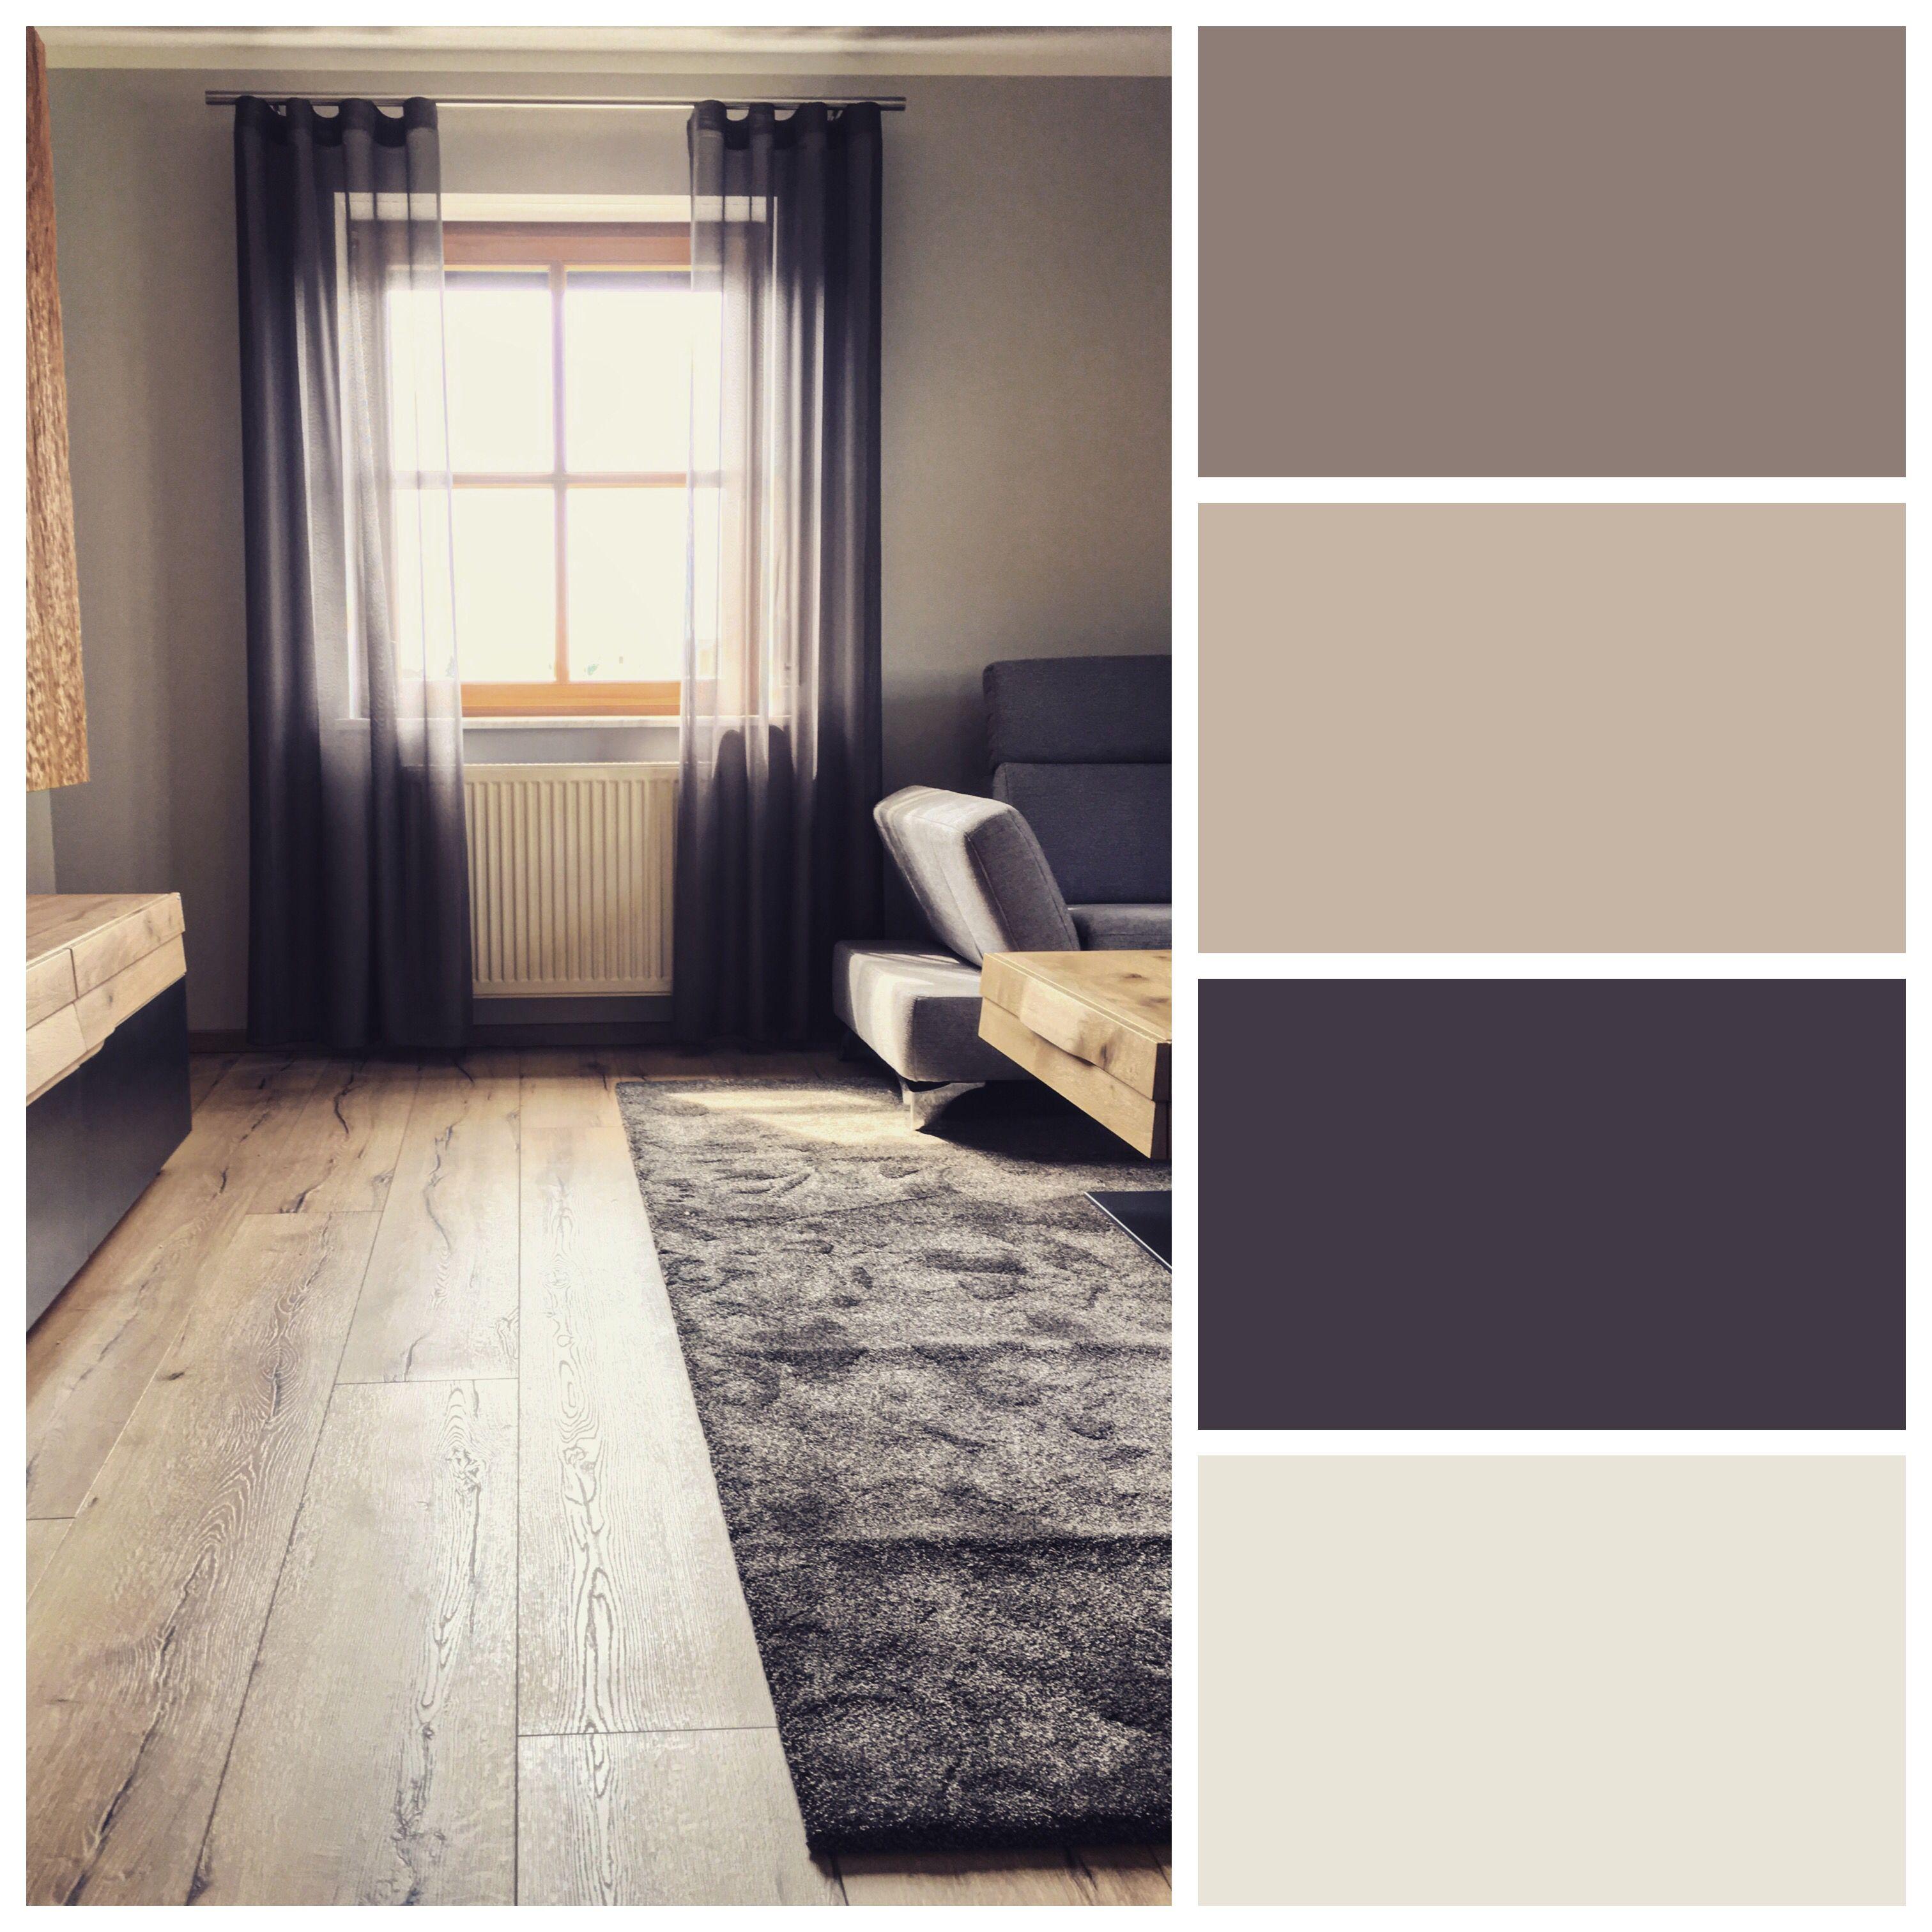 Wohnberatung Planung Einrichtungskonzepte Zum Schöner Wohnen Wohnzimmer Modern Farbgestaltung Wohnzimmer Wandfarbe Wohnzimmer